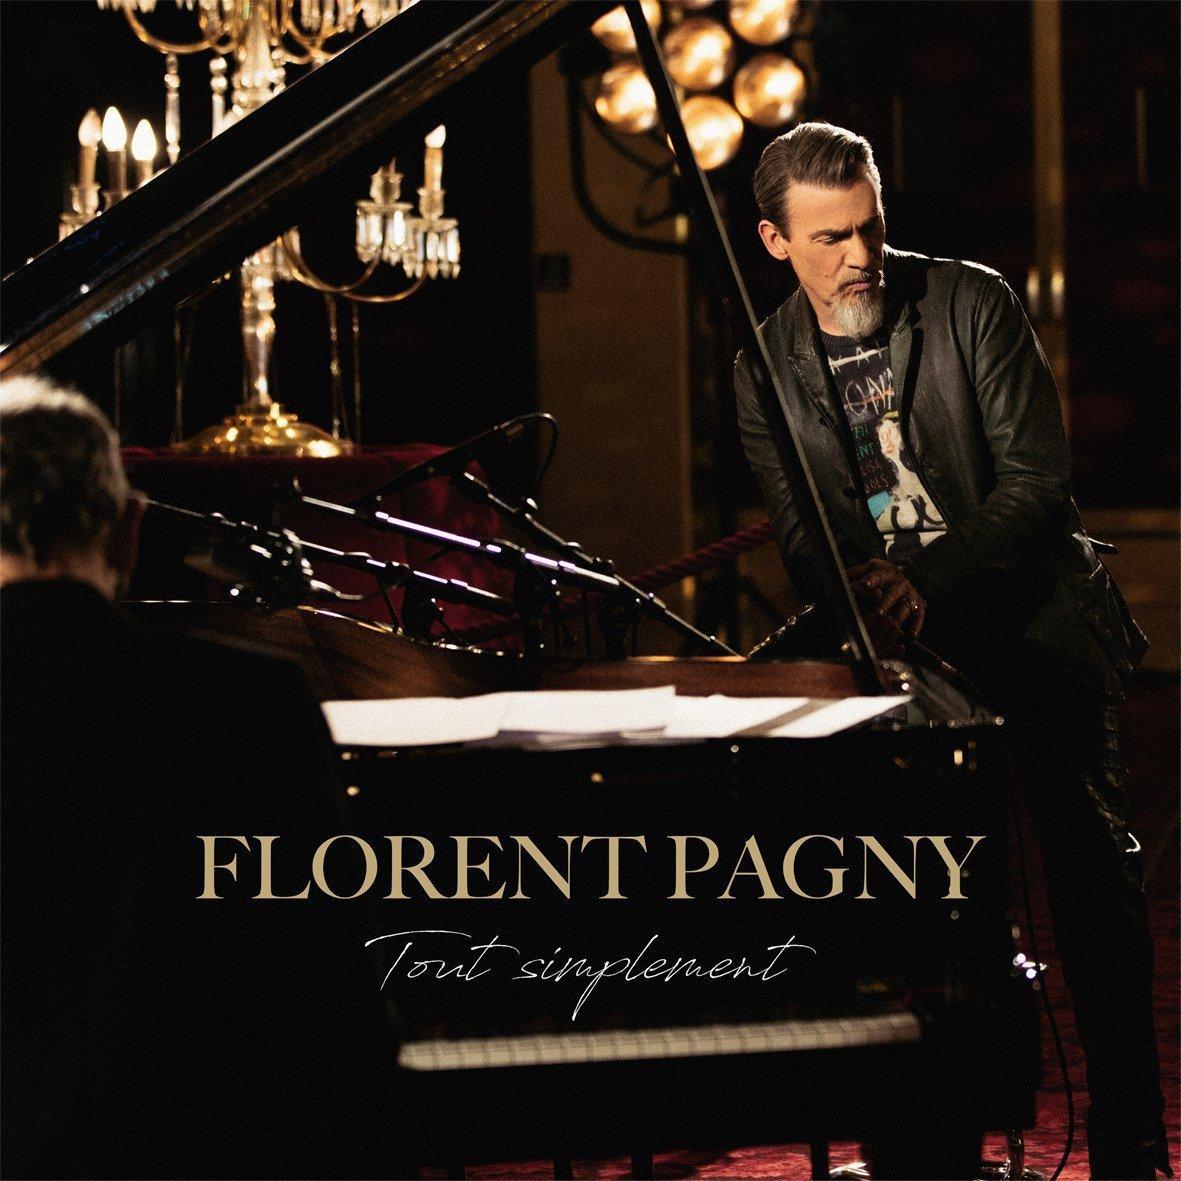 Tout simplement Florent Pagny, chant